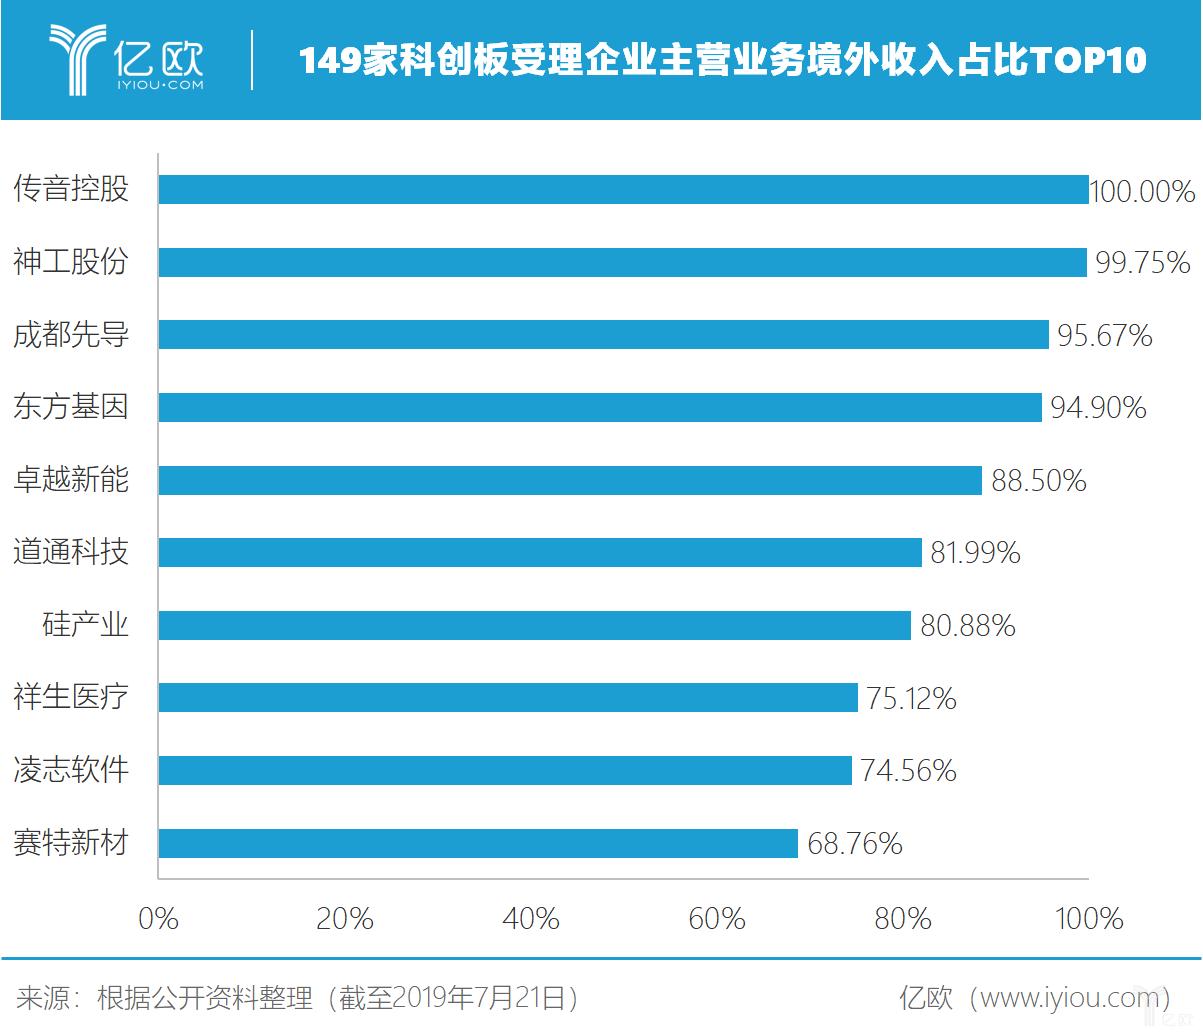 亿欧智库:149家科创板受理企业主营业务境外收入占比Top10